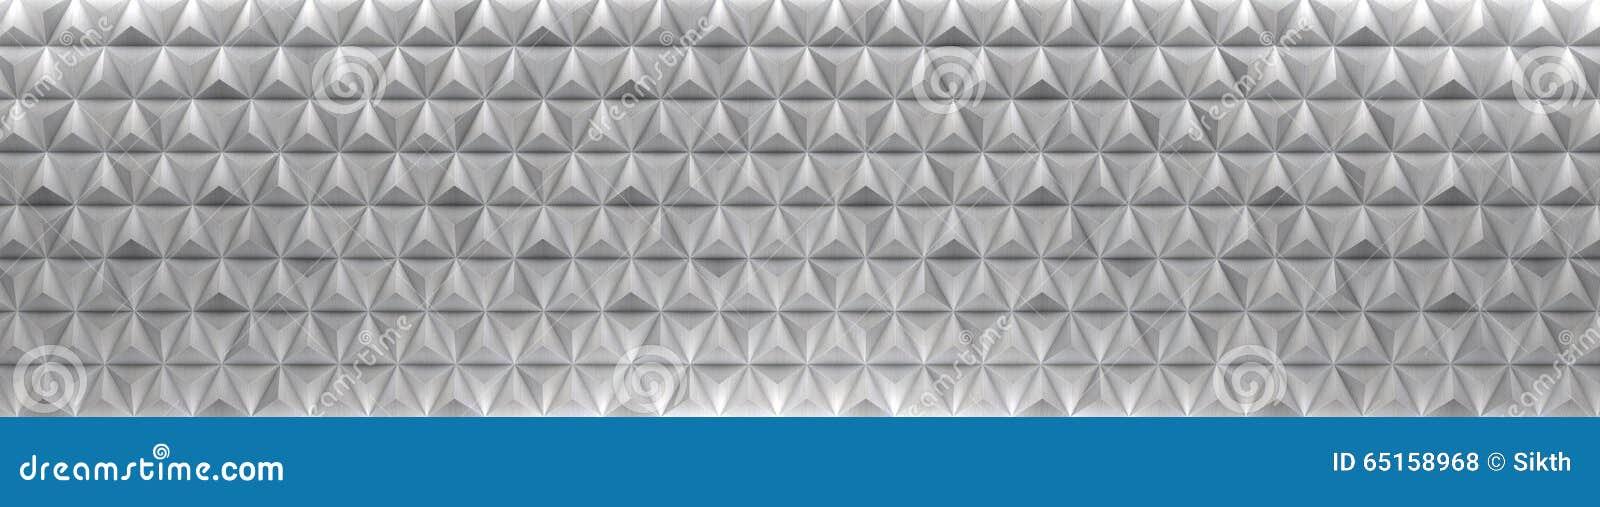 Предпосылка высокой детали алюминиевая дополнительная широкая (голова вебсайта)